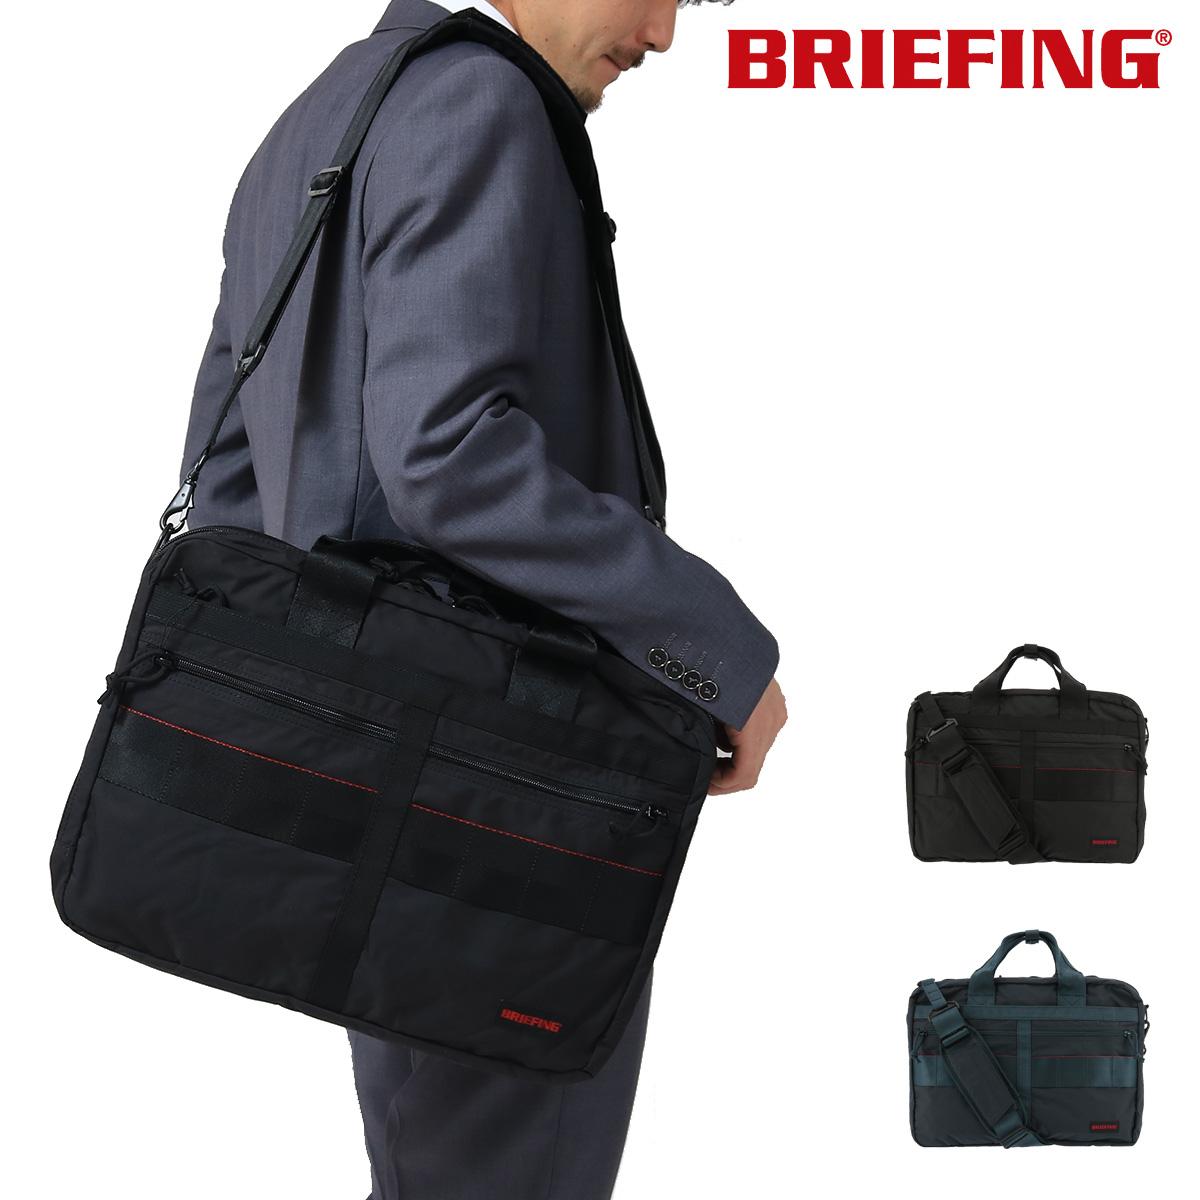 ブリーフィング ブリーフケース MODULEWARE BRM183402 | BRIEFING MODULE LINER MW ショルダーバッグ ビジネスバッグ リップストップナイロン メンズ[PO10][bef][即日発送]